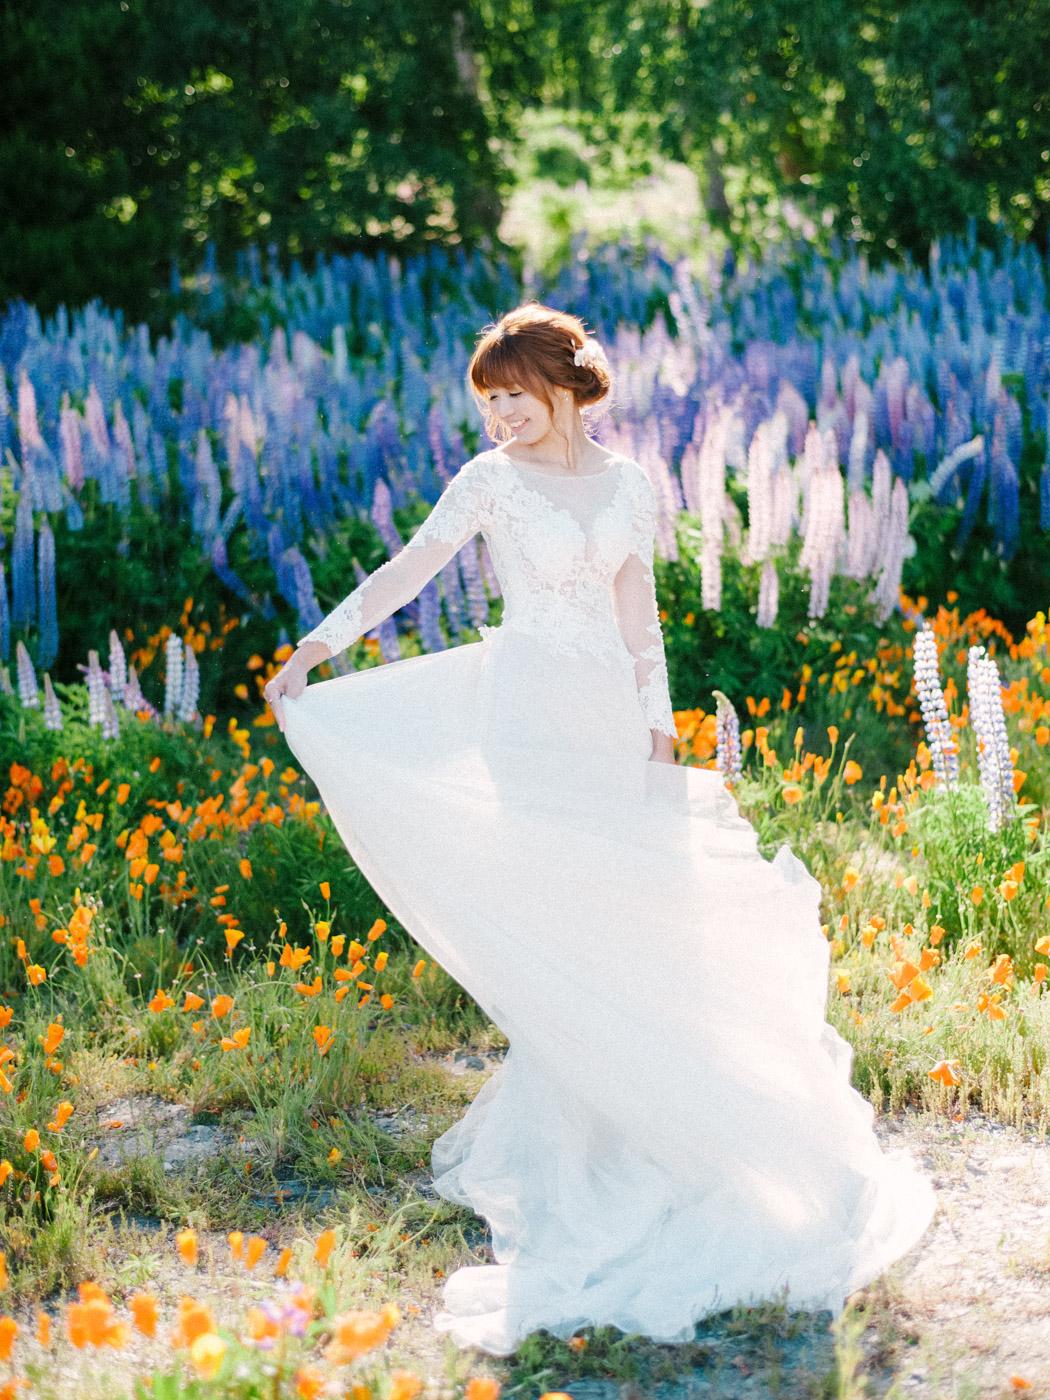 自助婚紗, 海外婚紗, 海外婚紗造型, 紐西蘭, 清新甜美風格, 造型, 新秘阿桂, 新秘阿桂Dabby, 新秘推薦.DABB